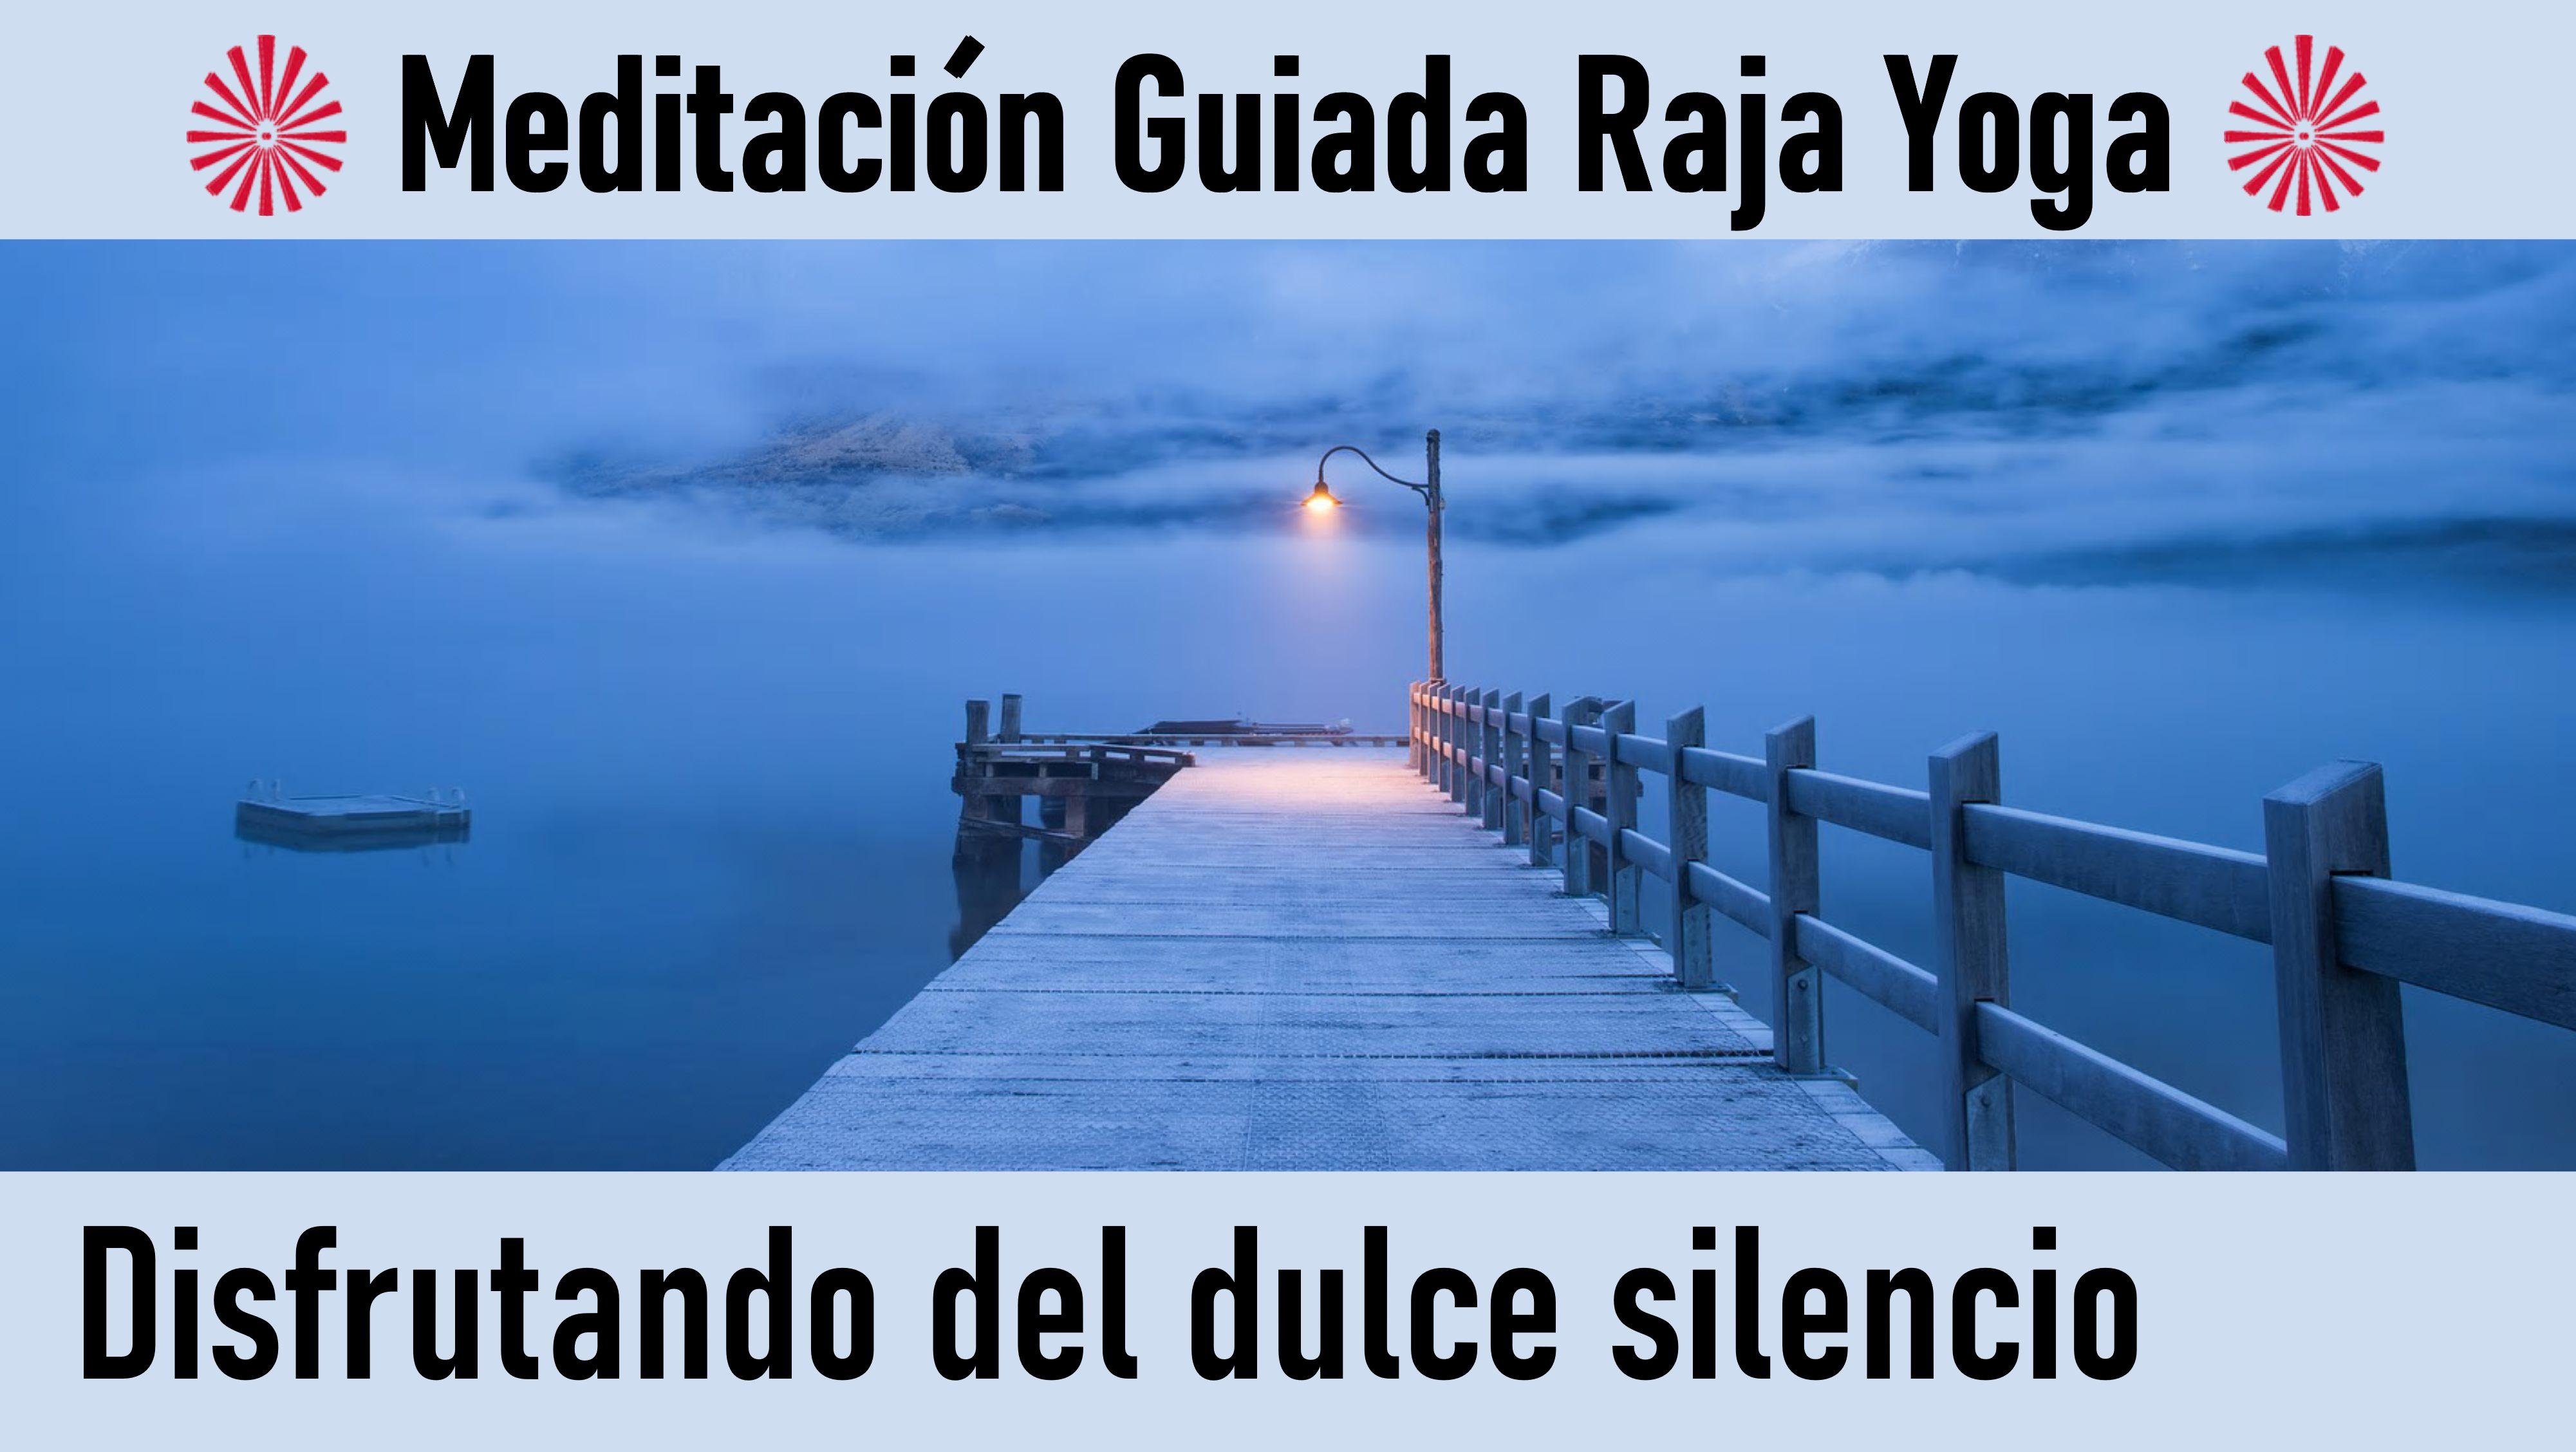 Meditación Raja Yoga:Disfrutando del dulce silencio (26 Junio 2020) On-line desde Sevilla